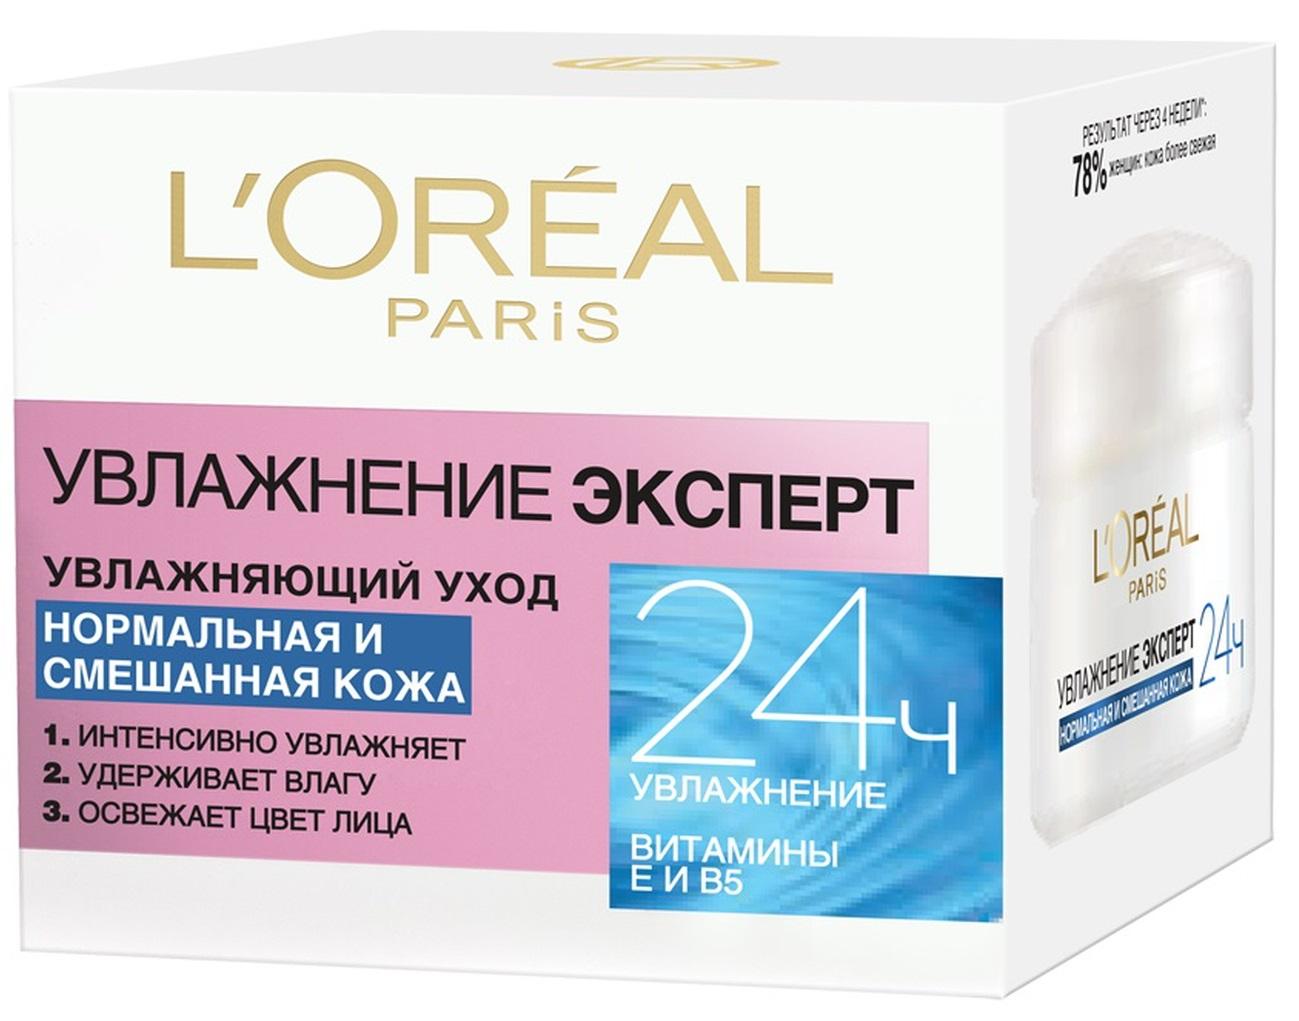 LOreal Paris Увлажнение Эксперт Дневной крем для лица для нормальной и смешанной кожи, 50 млВТК0003Крем для лица «Увлажнение Эксперт» — отличное средство для базового ежедневного ухода за нормальной и комбинированной кожей. Профессиональная формула, включающая в себя витамин B5 и Керамиды, оказывает тройное действие:1) Интенсивно увлажняет кожу и защищает от вредного влияния окружающей среды; 2) Освежает цвет лица, придавая нежное естественное сияние; 3) Дарит вашей коже комфорт, гладкость и эластичность.